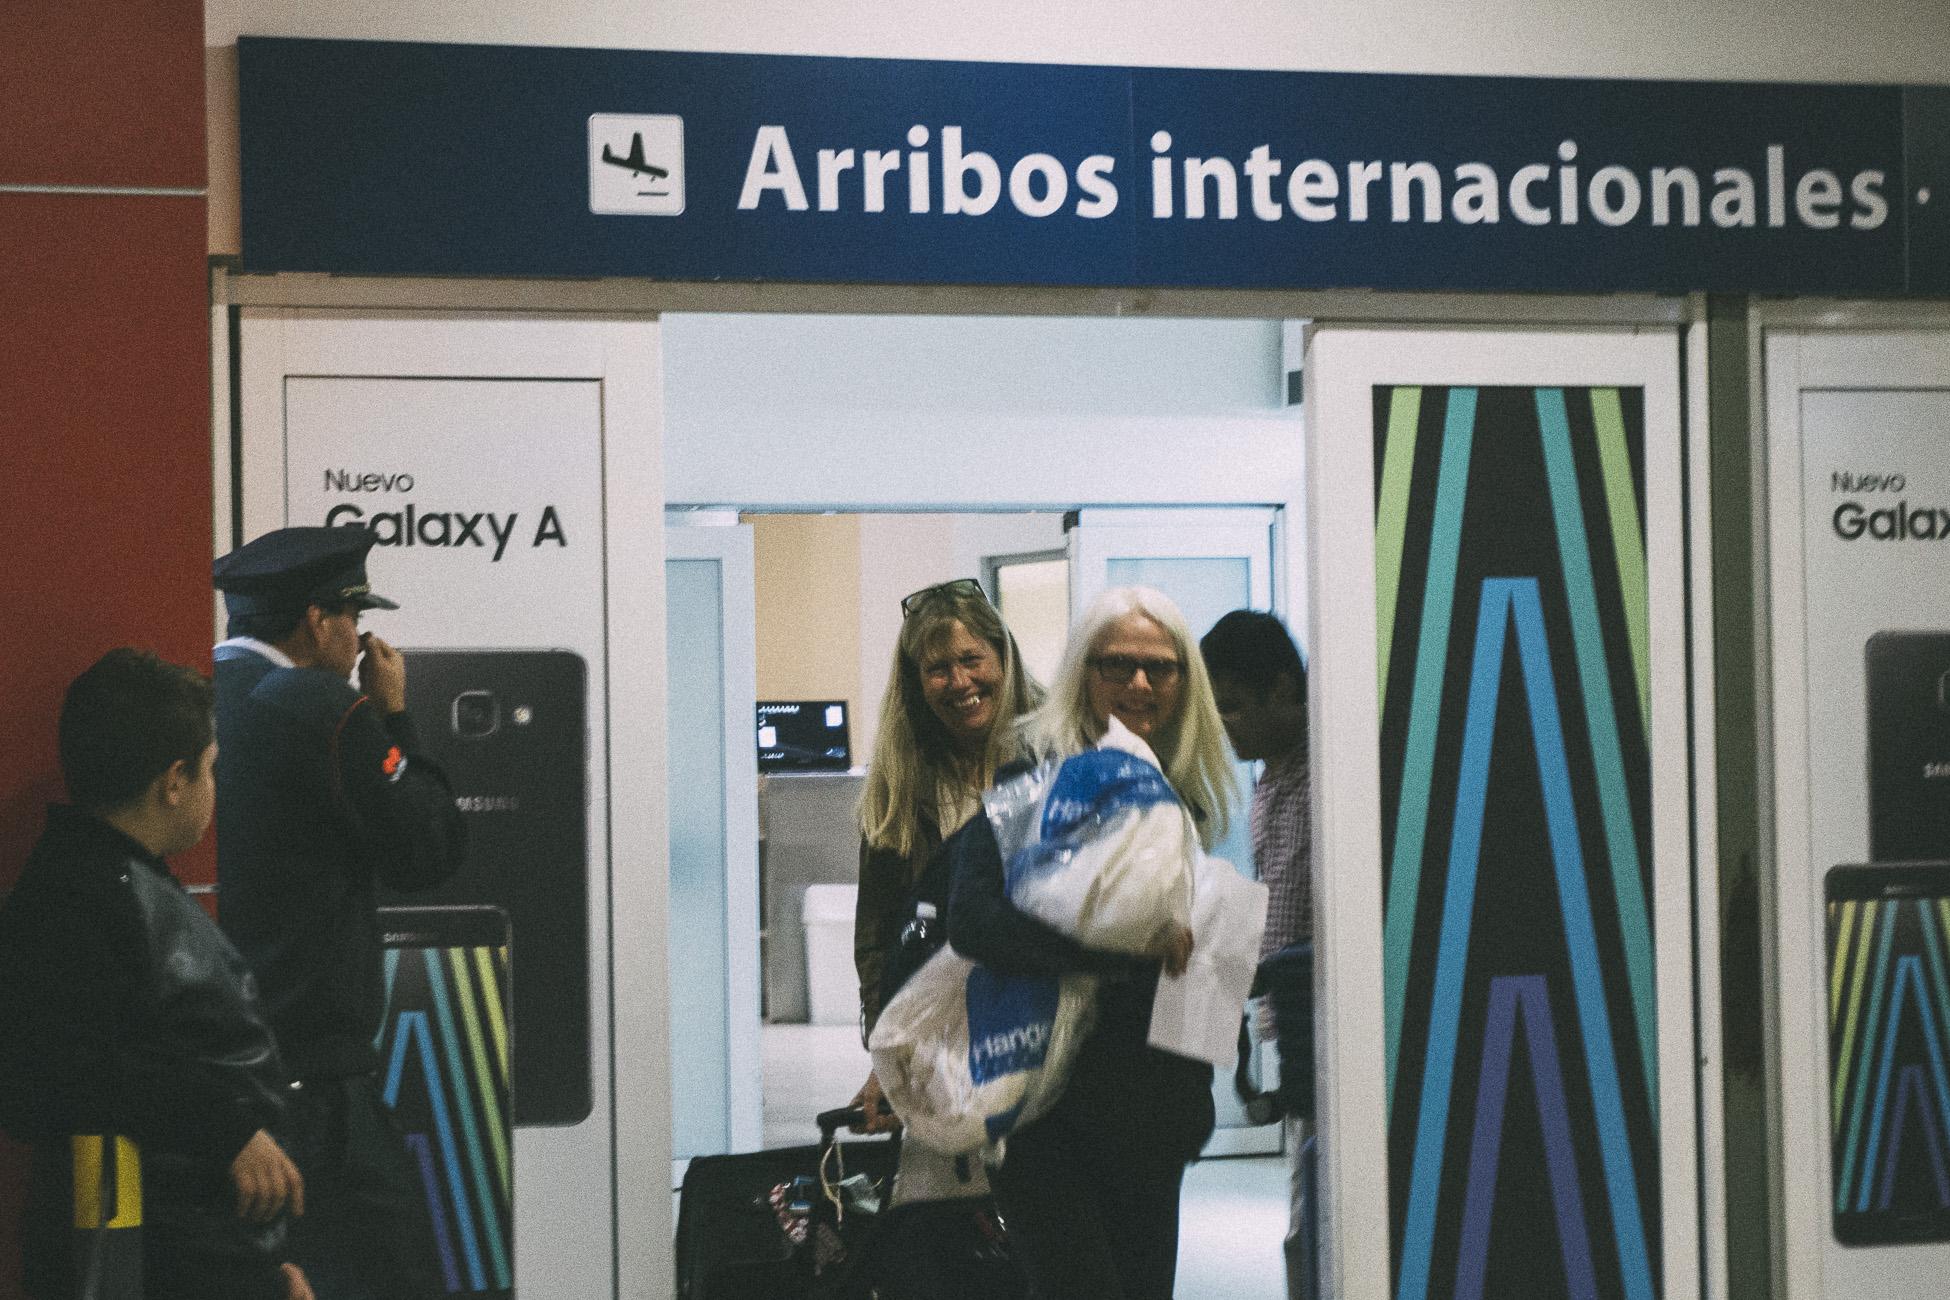 desktoglory_buenos_aires-58